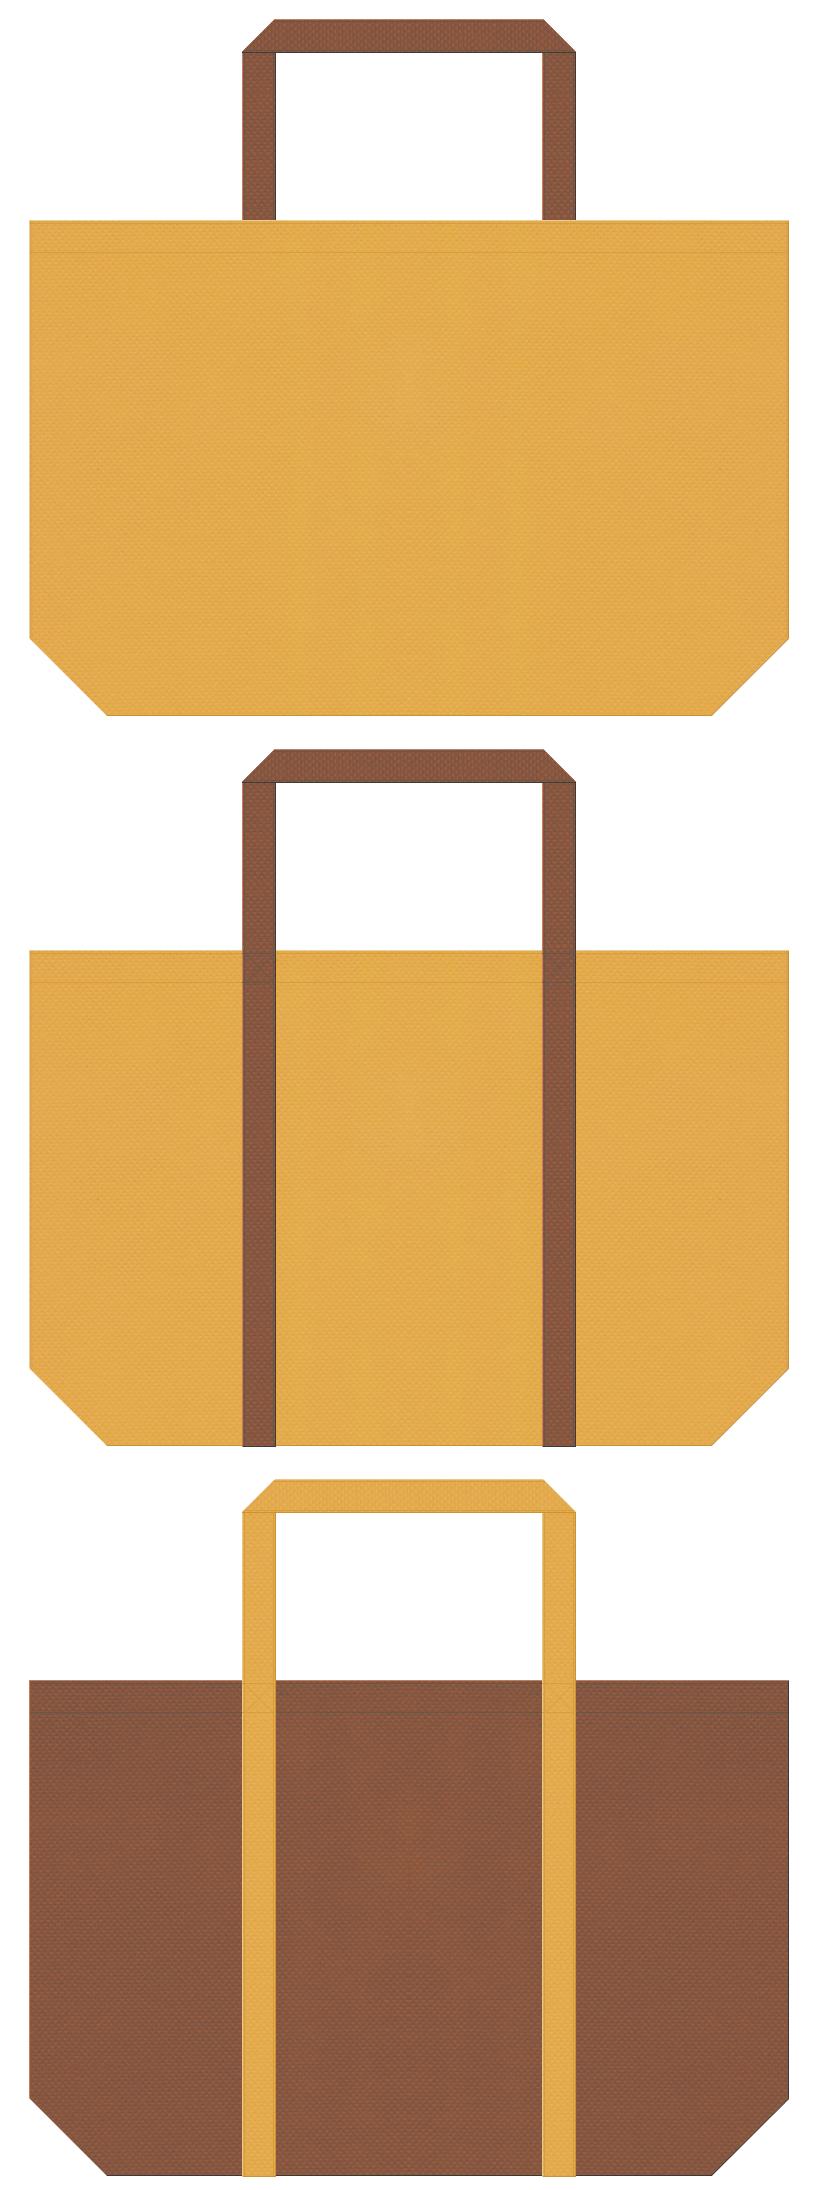 フライヤー・揚げ物・食用油・工作教室・DIY・住宅展示場・木製インテリア・木製食器・フードコート・レストラン・鯛焼き・どらやき・饅頭・和菓子・ホットケーキ・クロワッサン・ワッフル・クッキー・サブレ・ビスケット・キャラメル・アーモンド・ピーナツバター・ベーカリー・スイーツのショッピングバッグにお奨めの不織布バッグデザイン:黄土色と茶色のコーデ